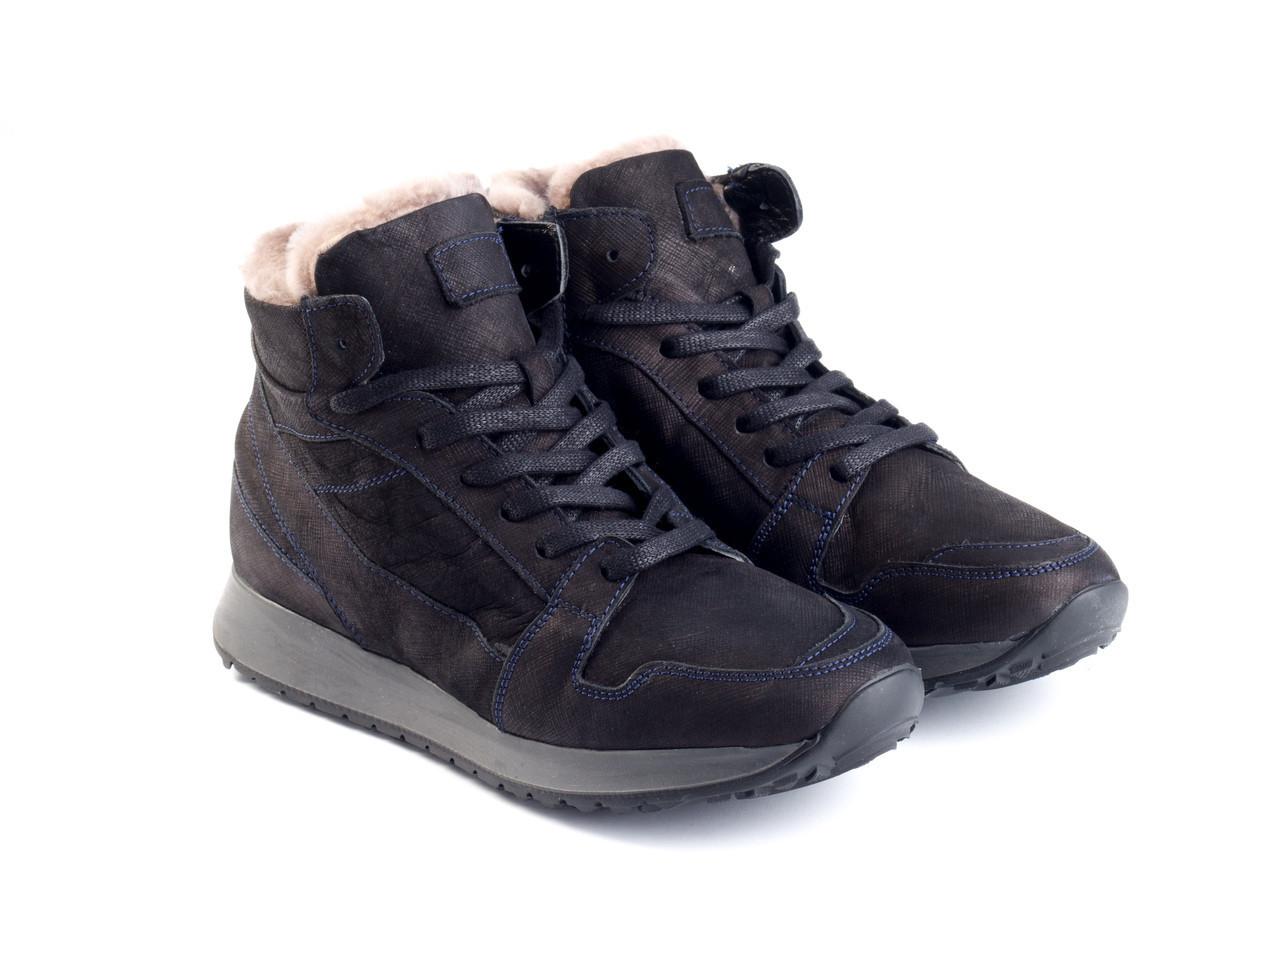 Ботинки Etor 8683-18-013 42 черные